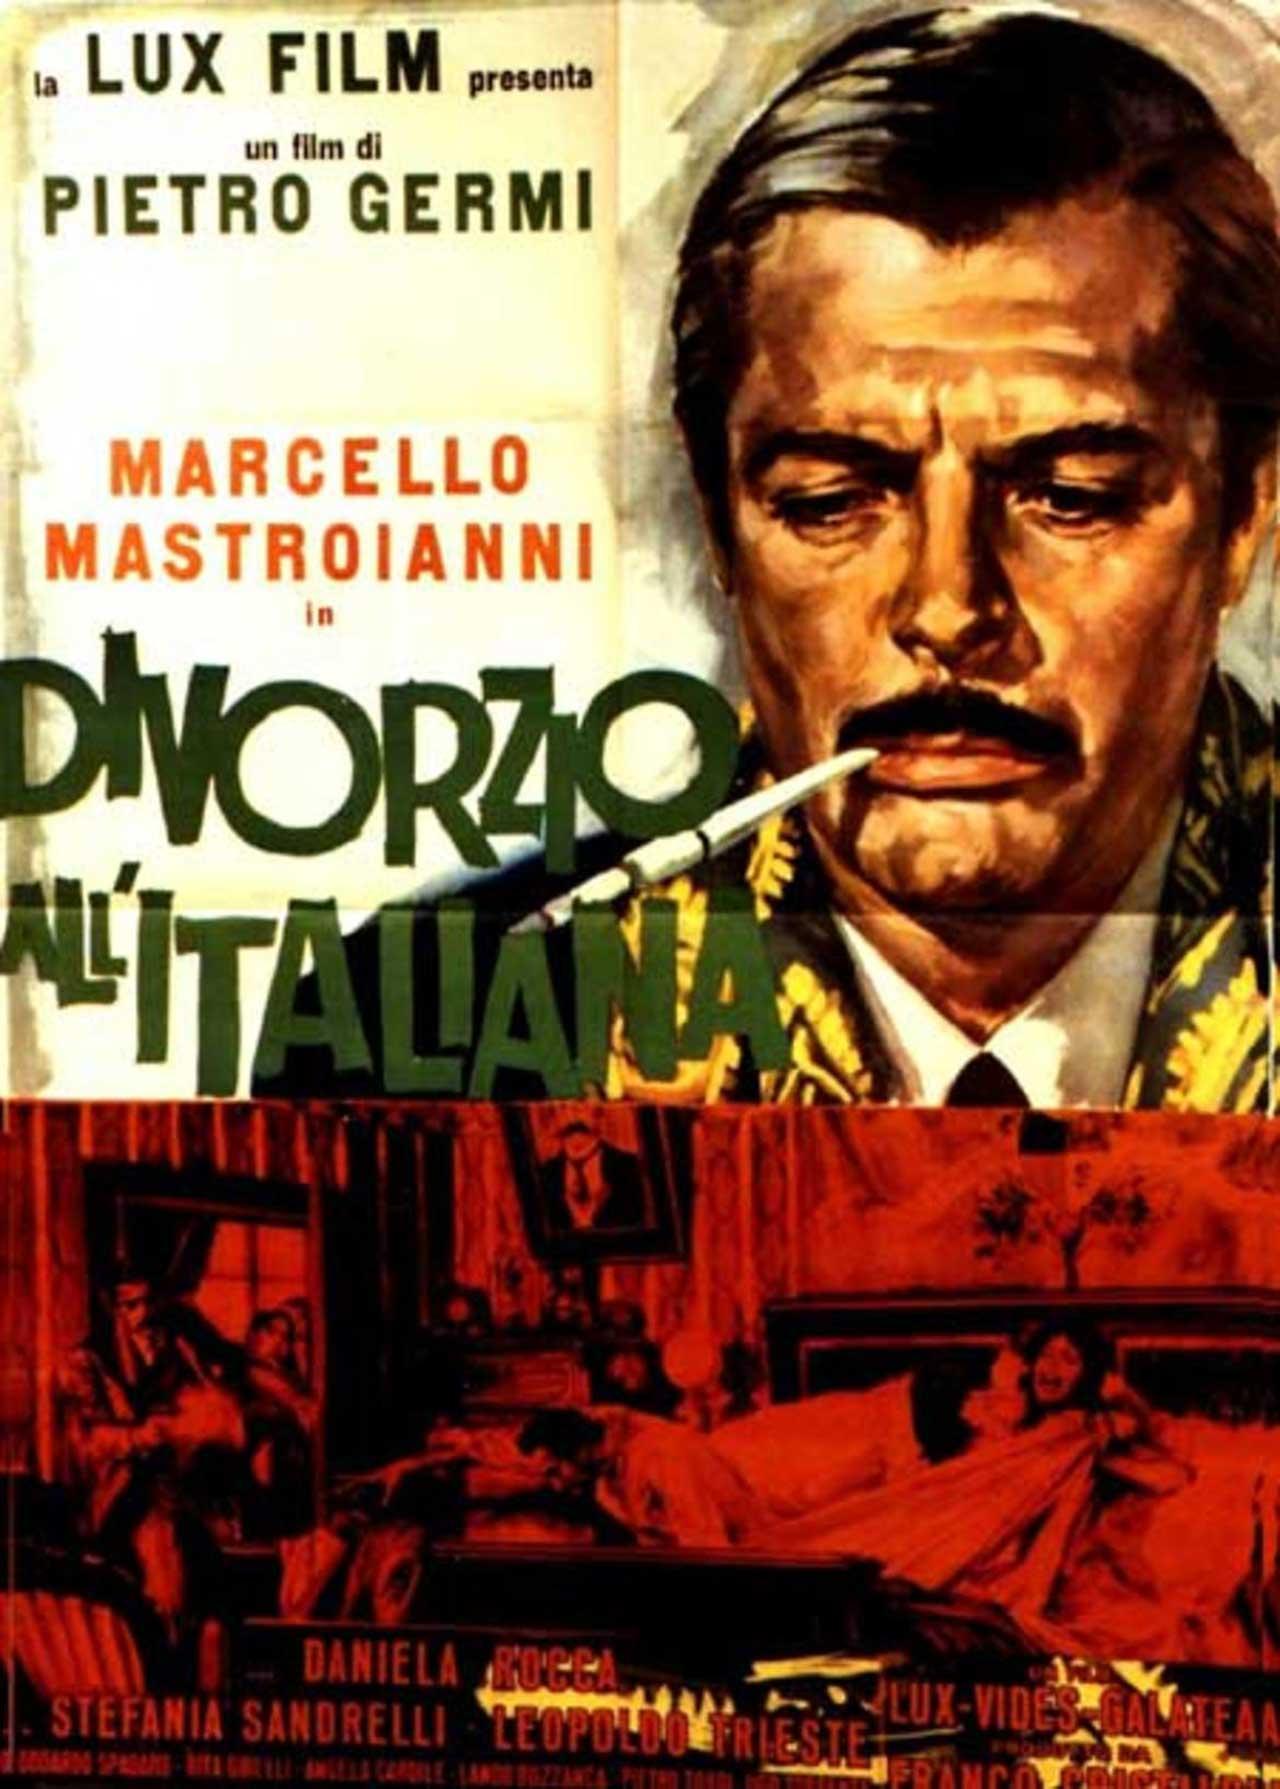 Divorzio all'italiana (1961) jest jednym z najsłynniejszych filmów włoskiej komedii.